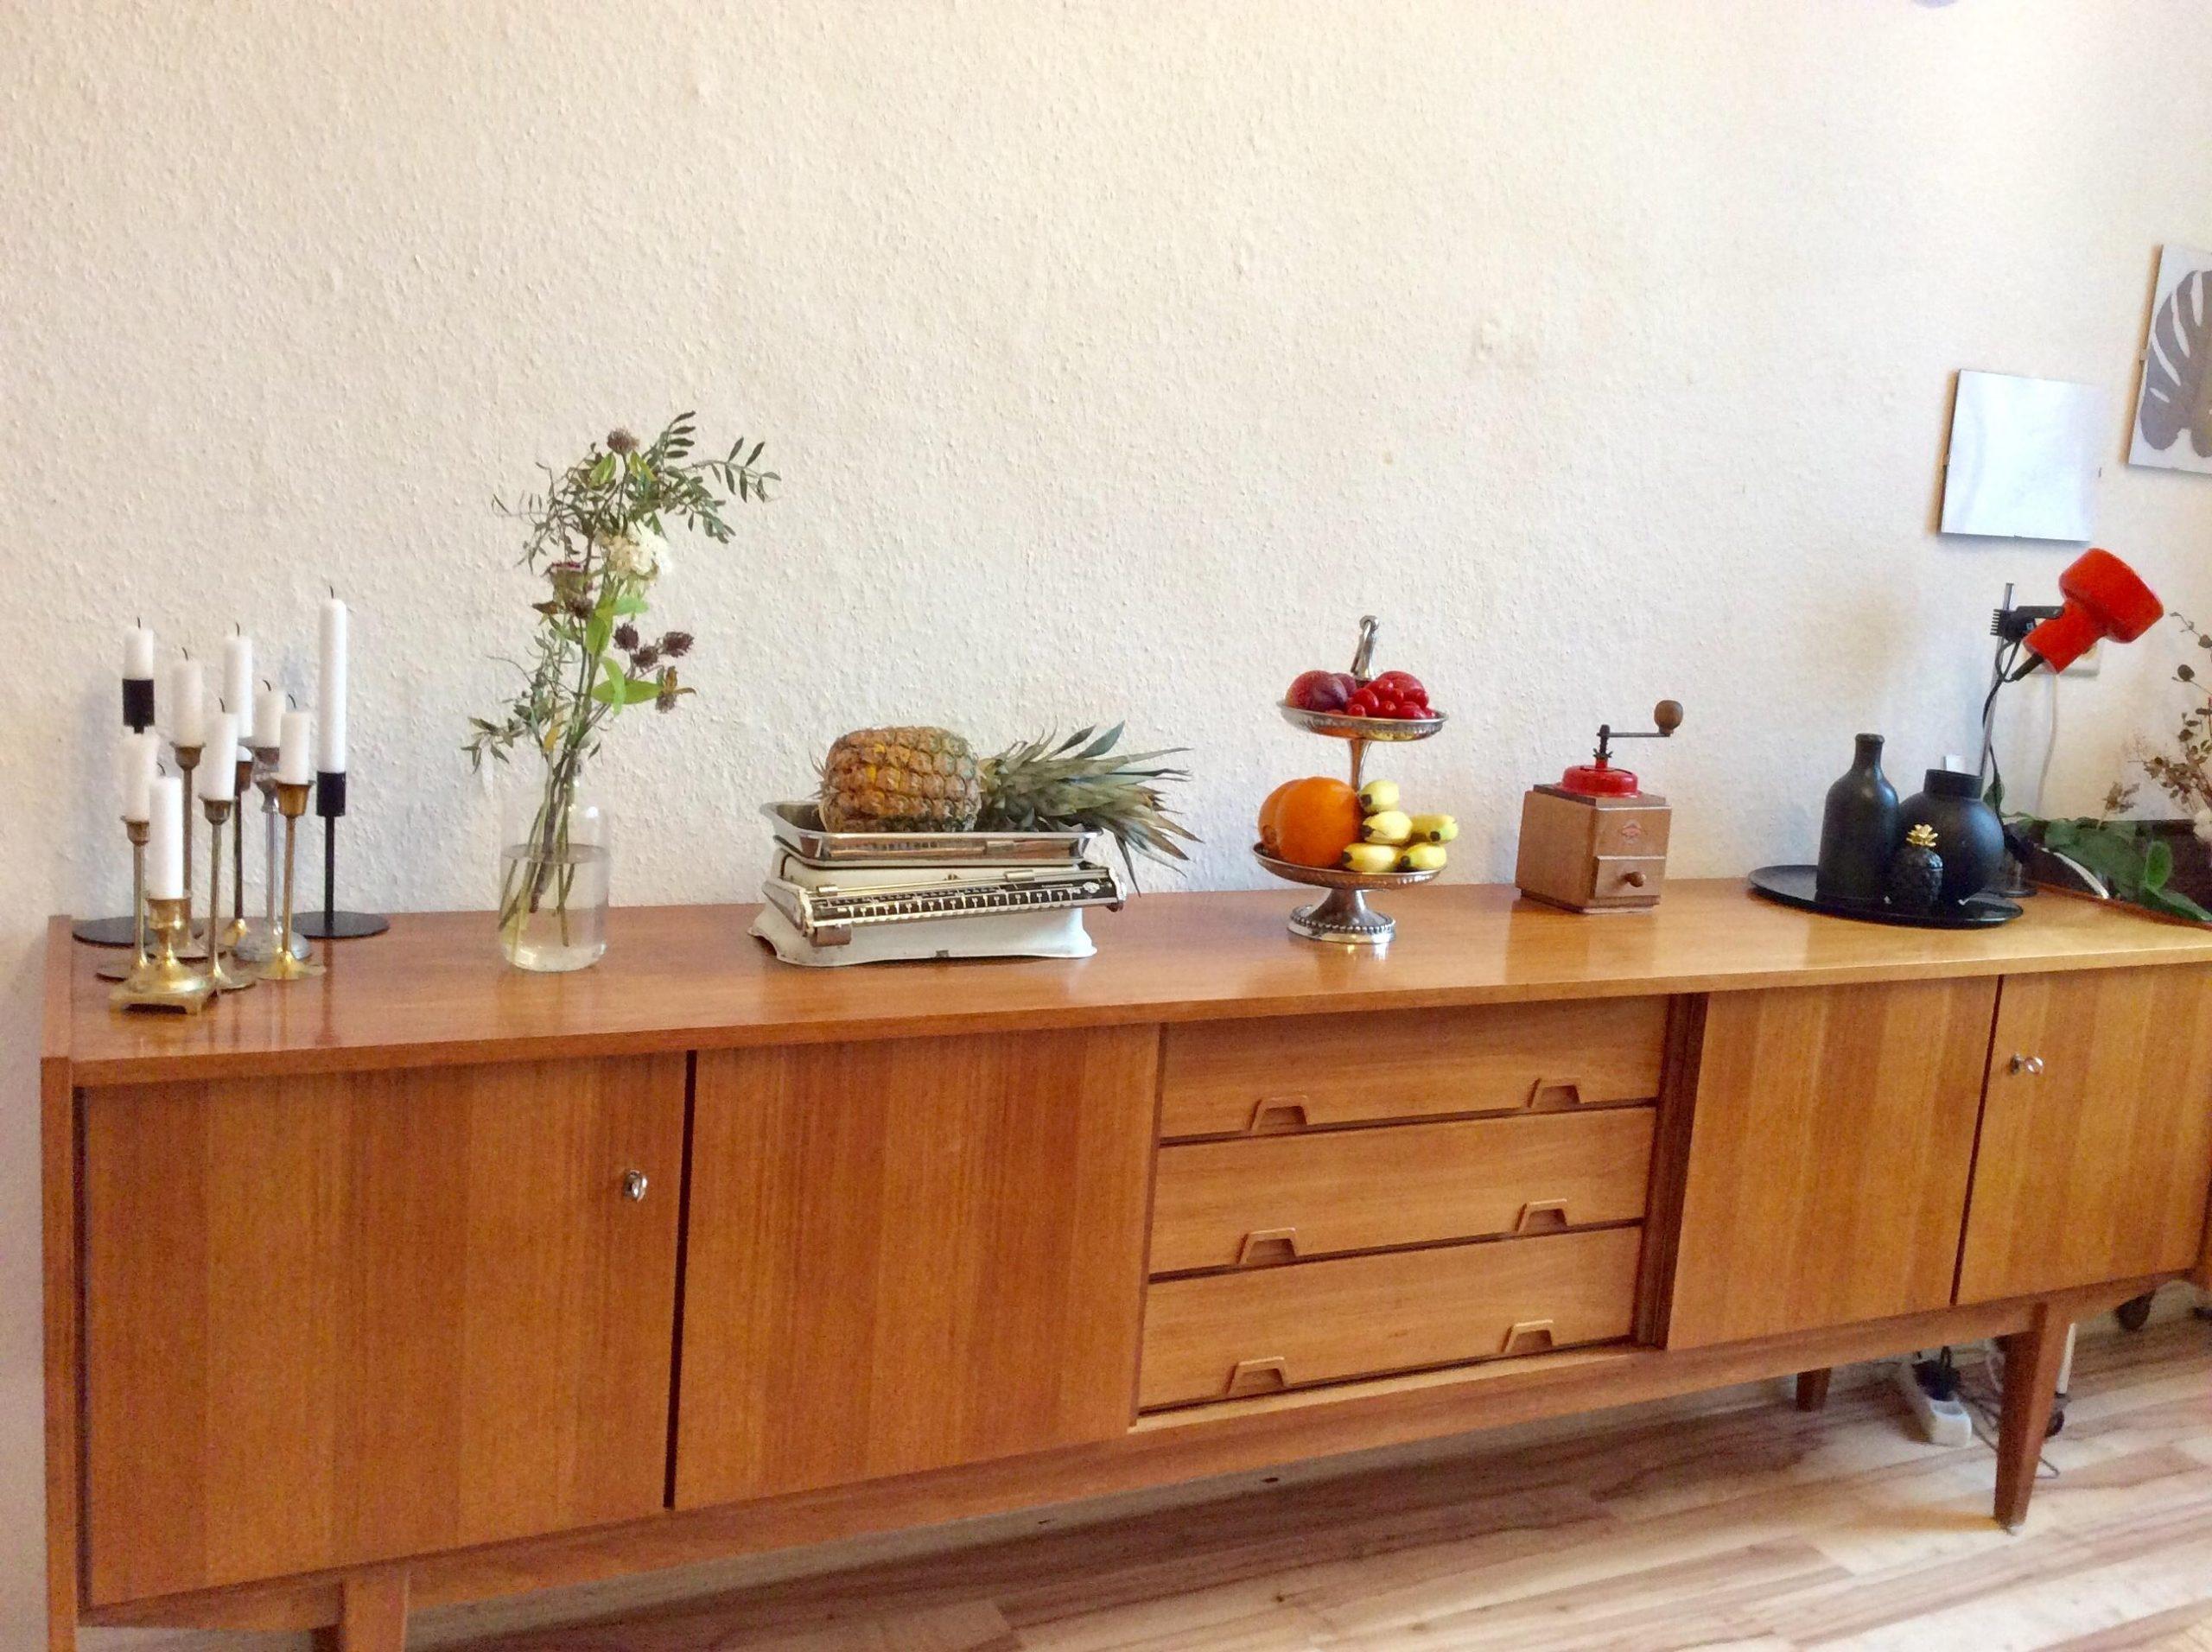 Full Size of Led Panel Küche Bauen L Form Sideboard Abluftventilator Vorhänge Poco Apothekerschrank Alno Rosa Wohnzimmer Küche Sideboard